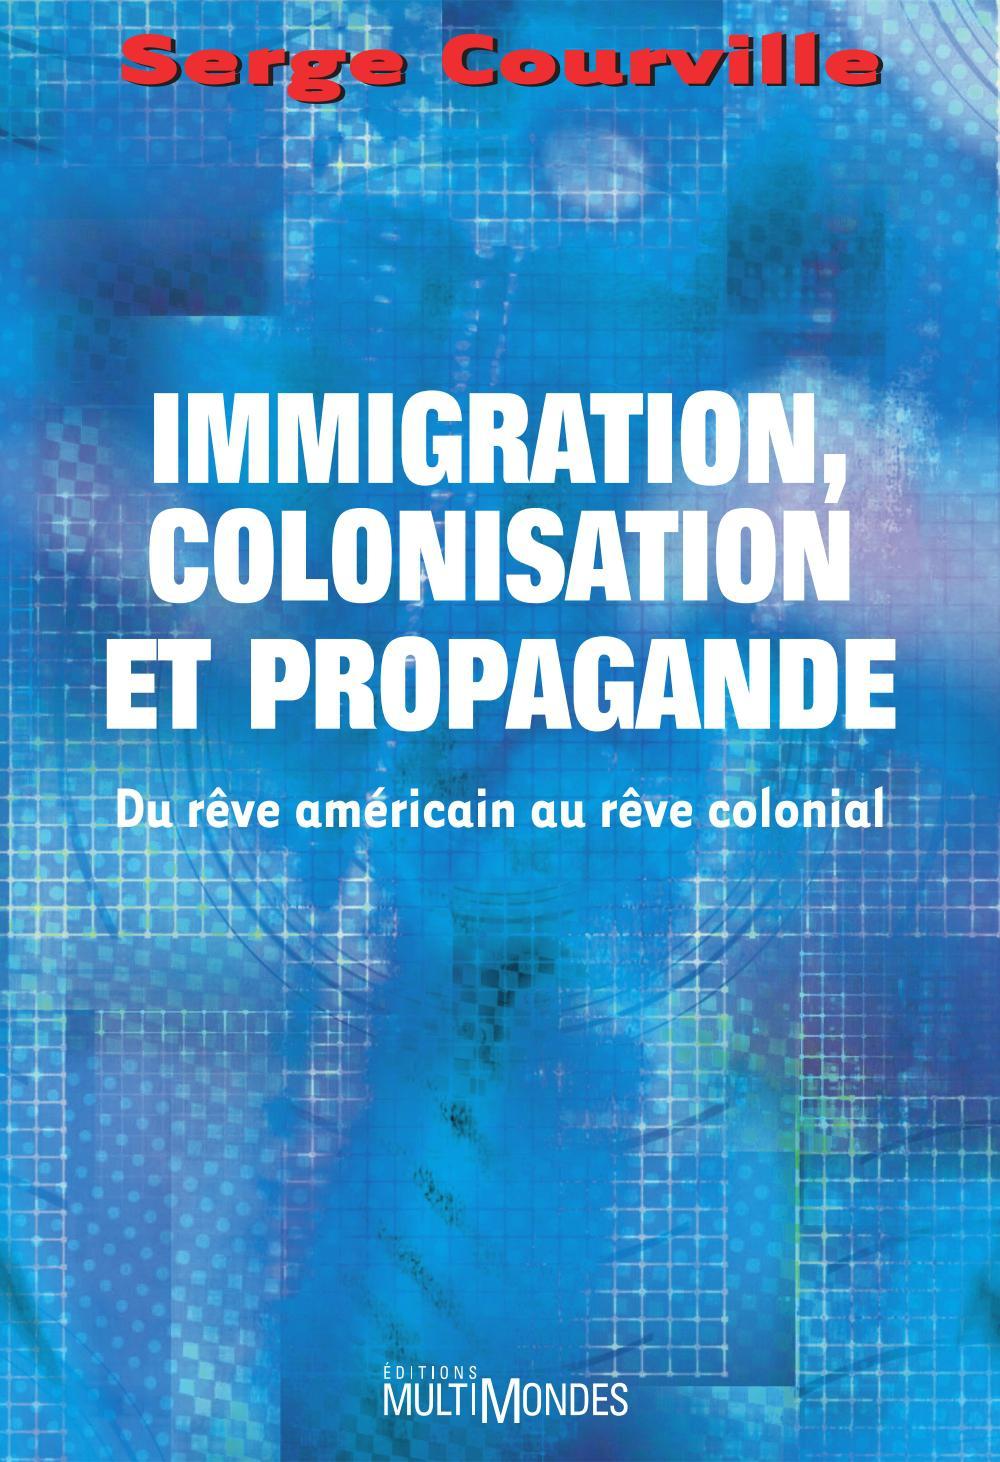 Immigration, colonisation et propagande: du rêve américain au rêve colonial